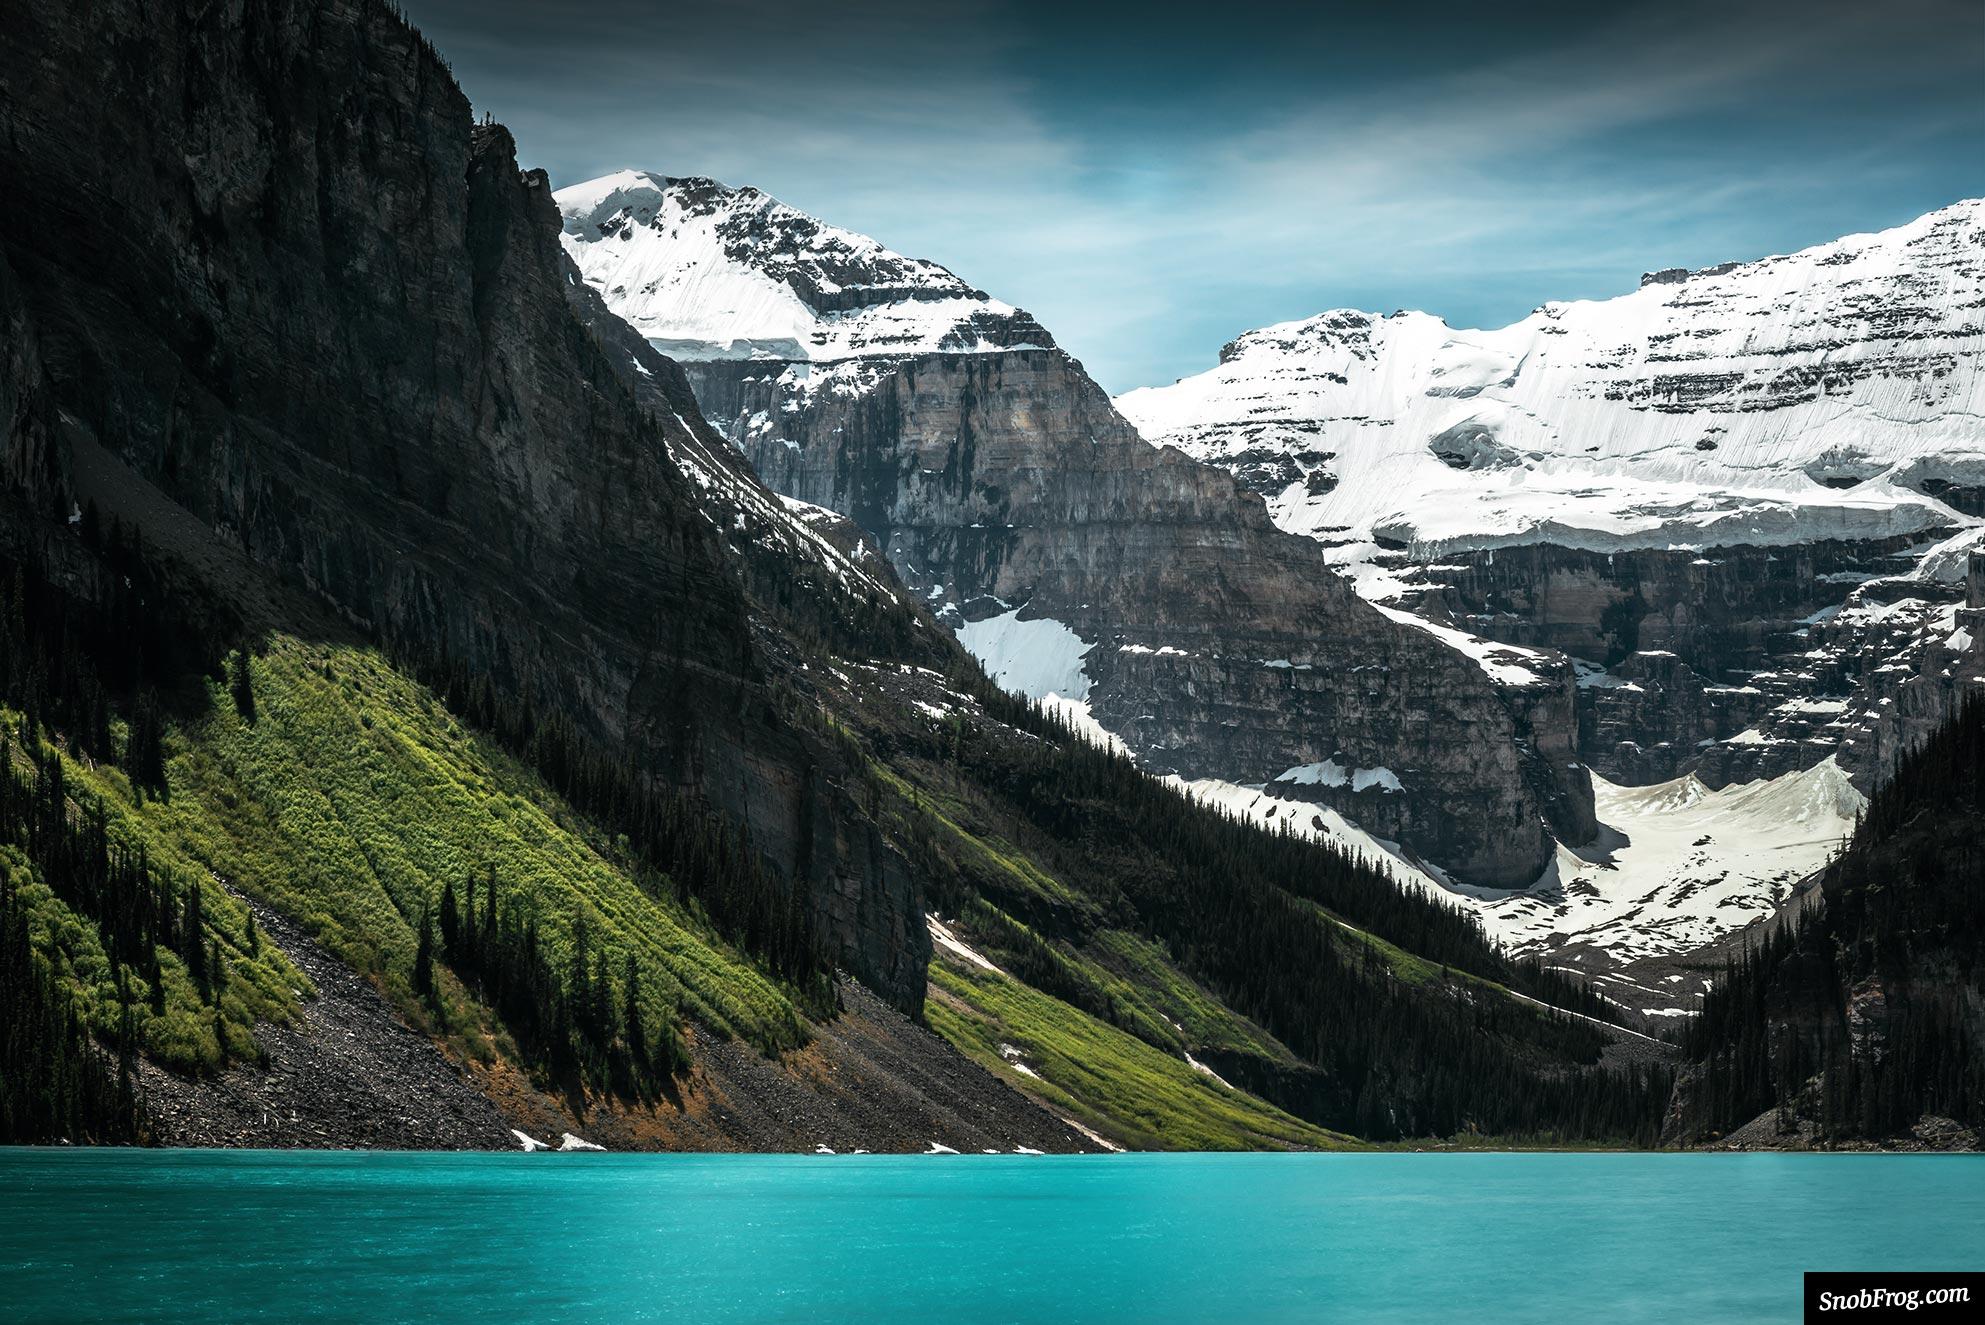 DSC_4346_Lake_louise